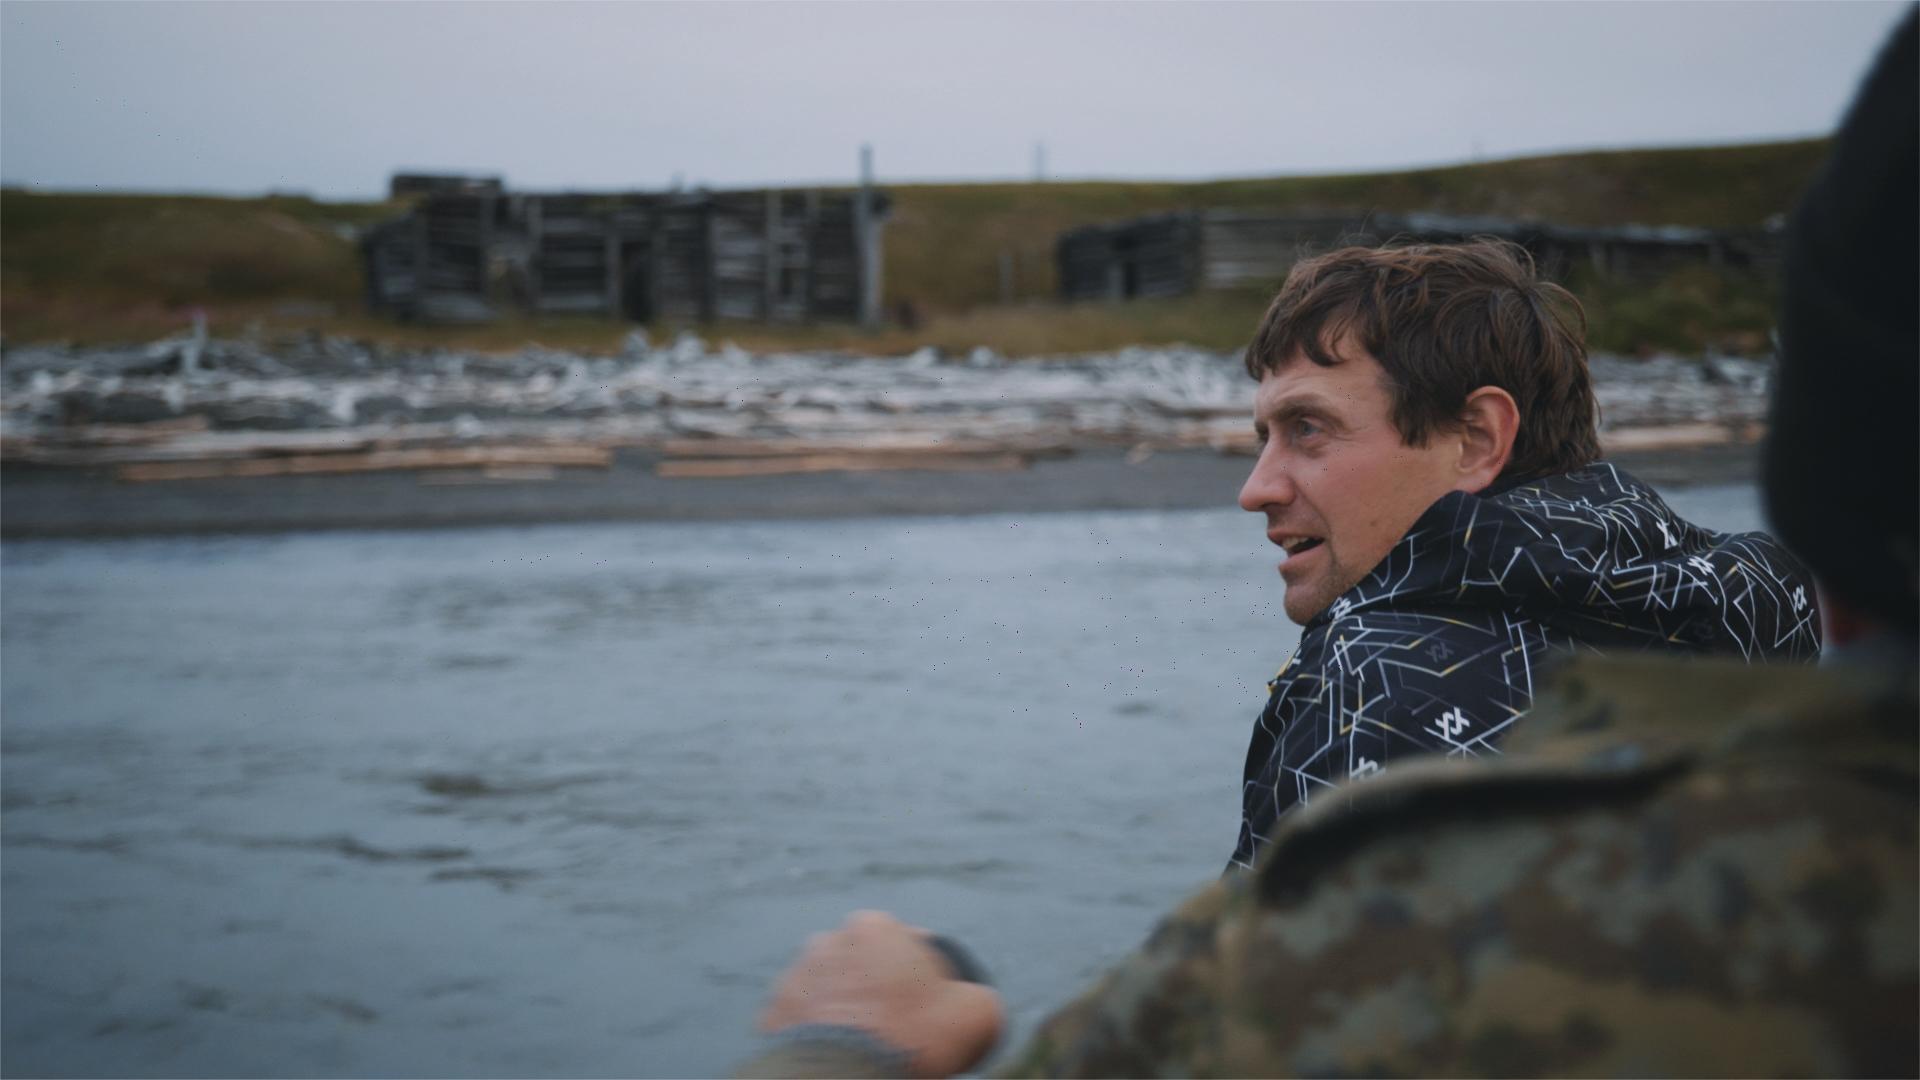 尼基塔齊莫夫(Nikita Zimov)營運管理北極地區唯一的氣候變遷研究中心。